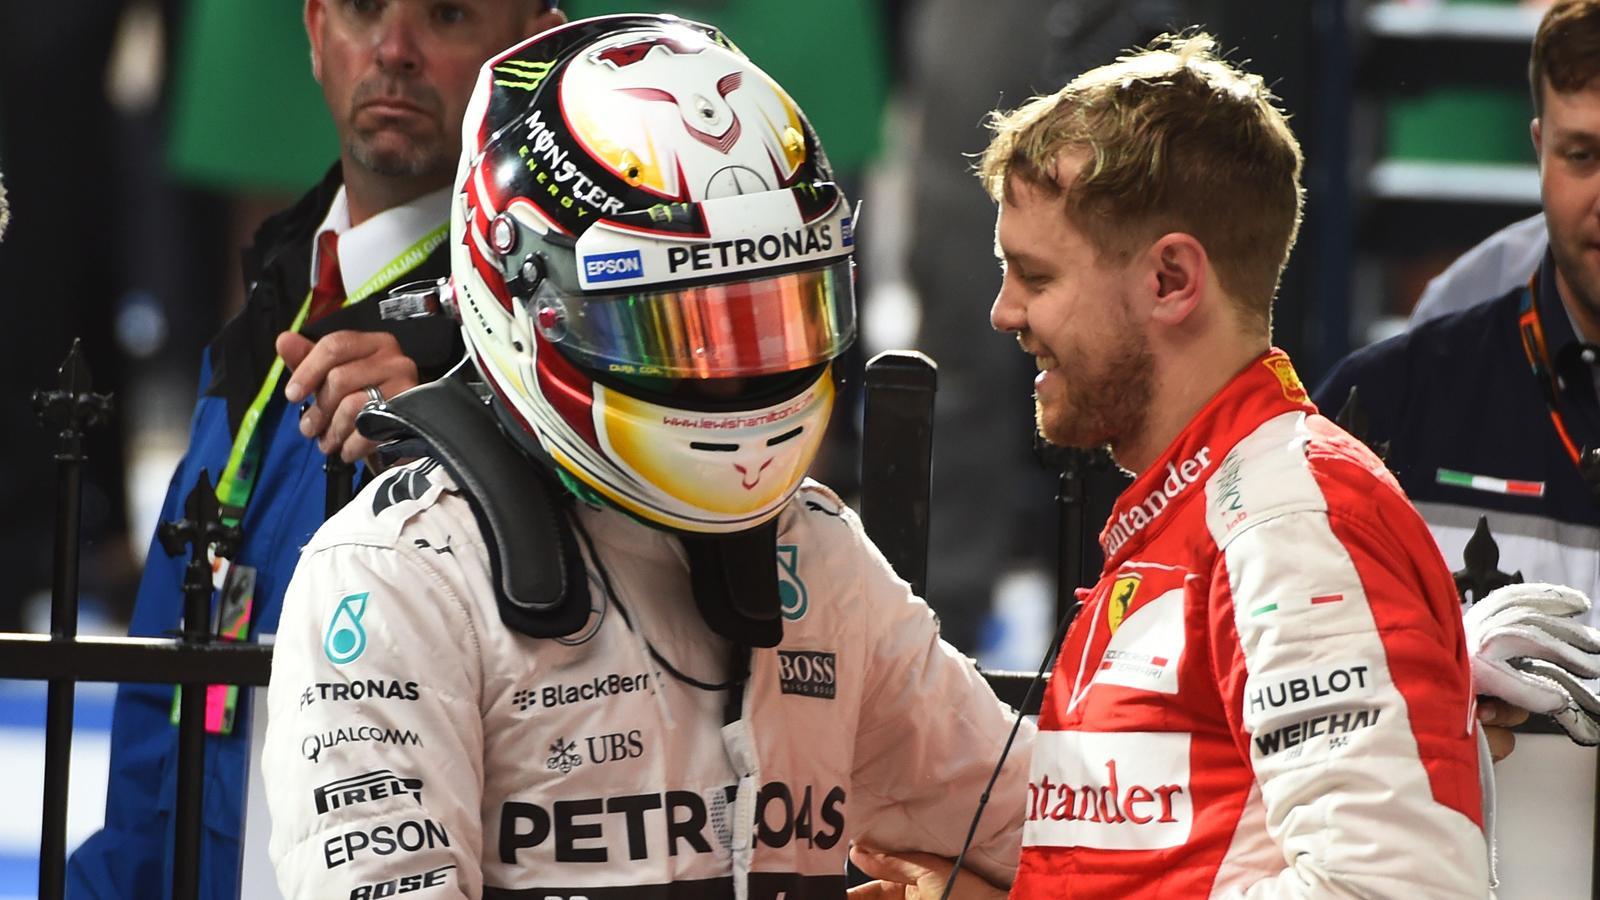 Spécial Sebastian Vettel (Formule un) - Page 12 1437110-30739094-1600-900